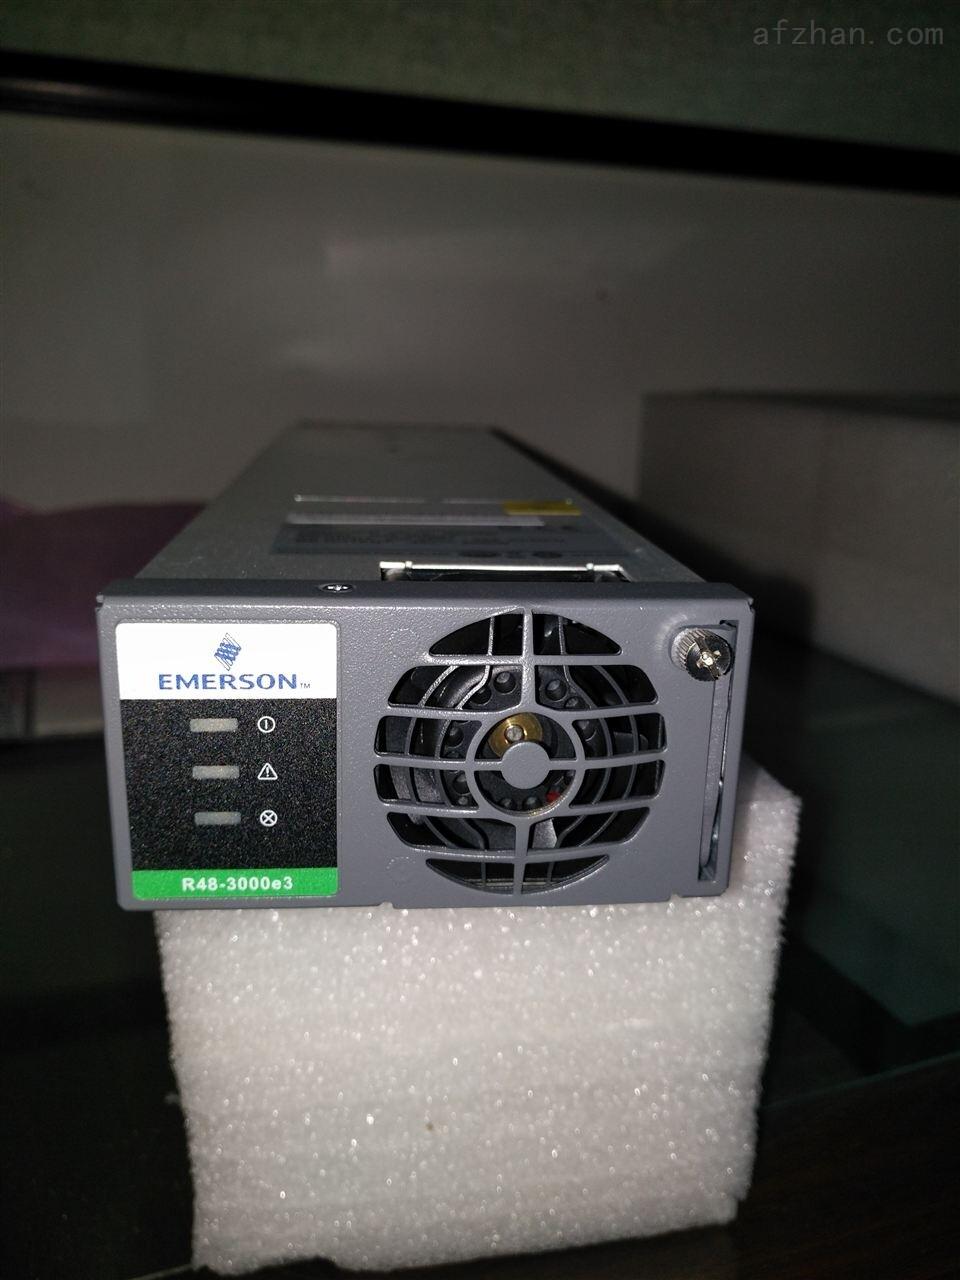 r48-3000e3 r48-3000e3艾默生电源模块